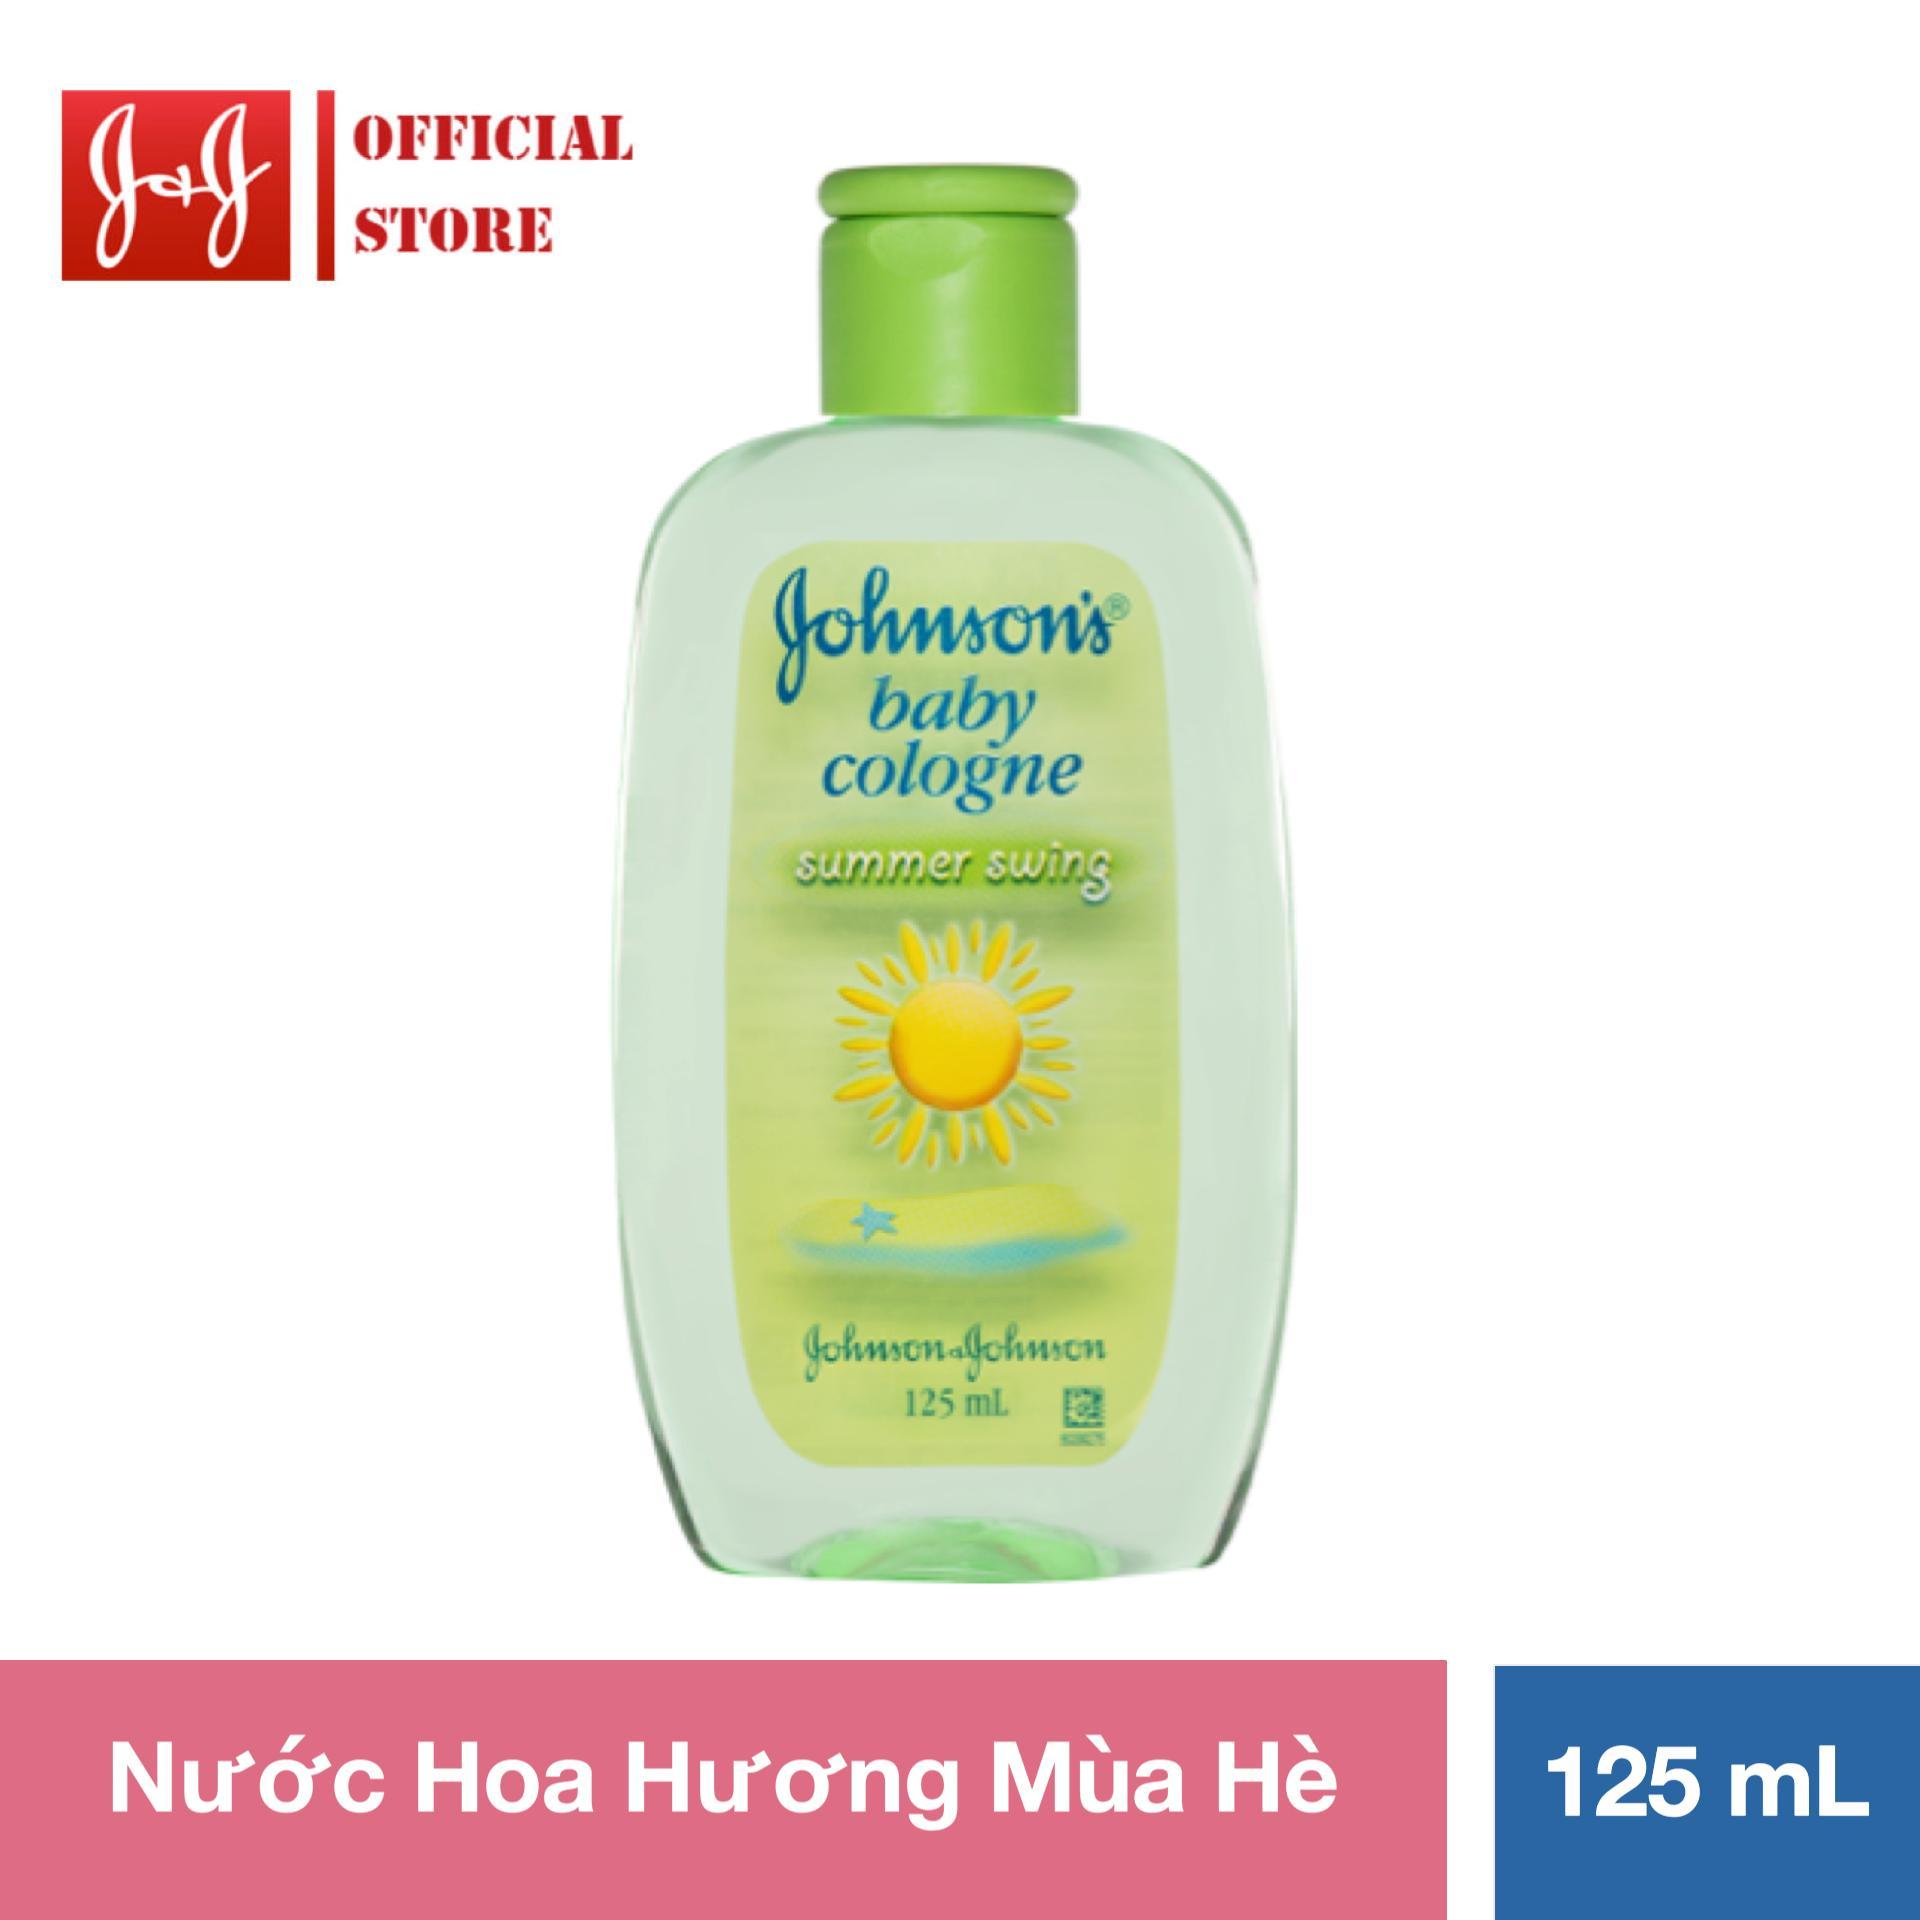 Nước hoa Johnson's Baby hương mùa hè 125ml